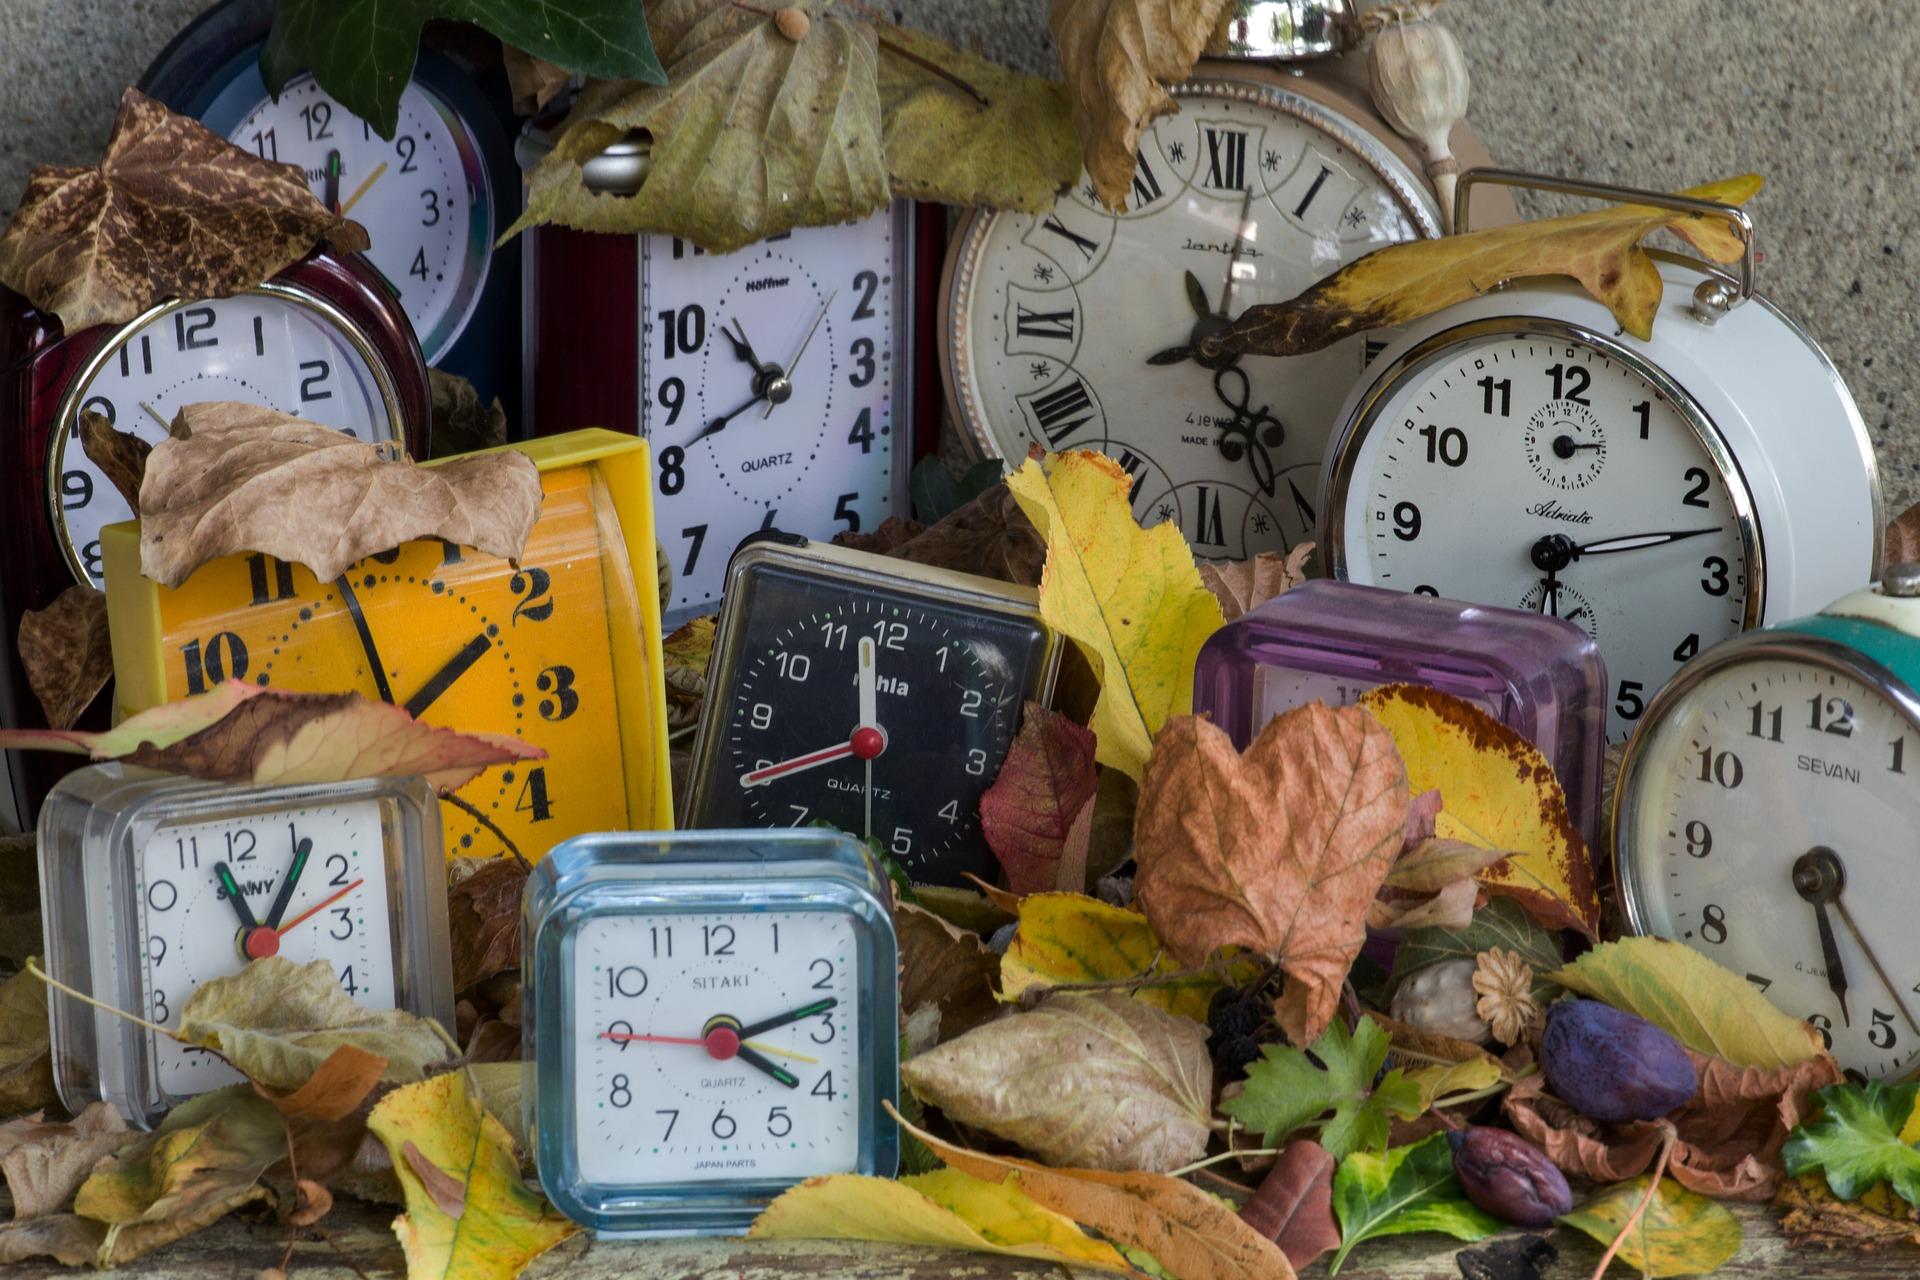 Adáptate a los cambios: 4 razones para emprender de nuevo